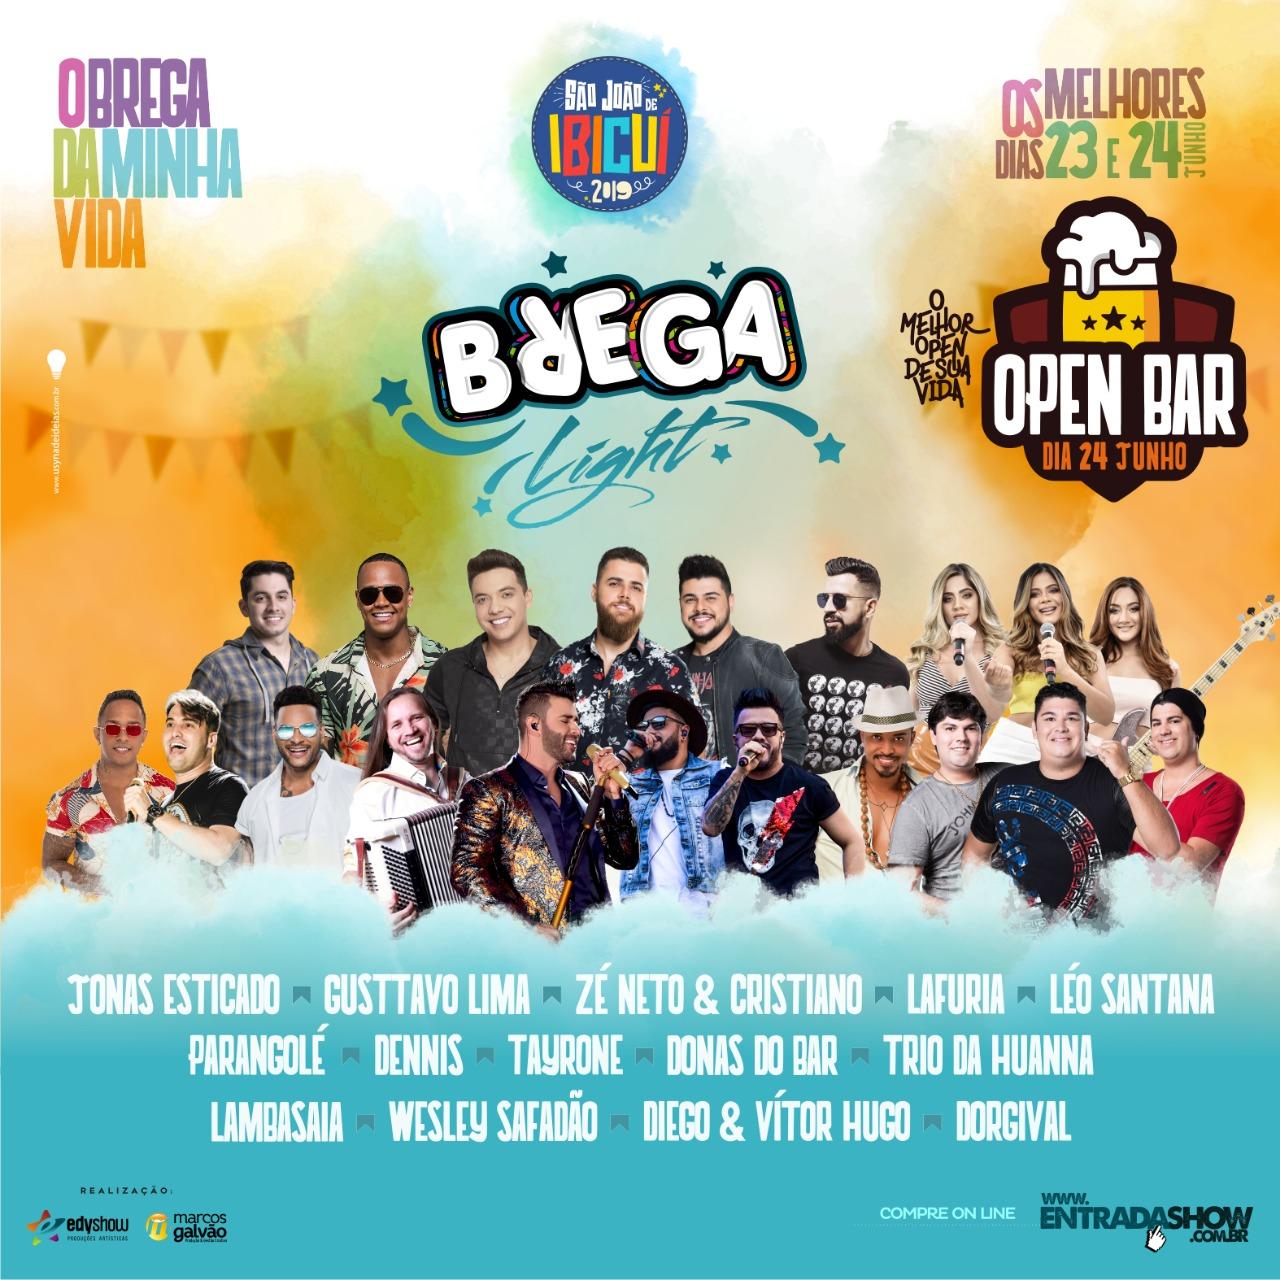 Brega Light 2019 em Ibicuí - BA